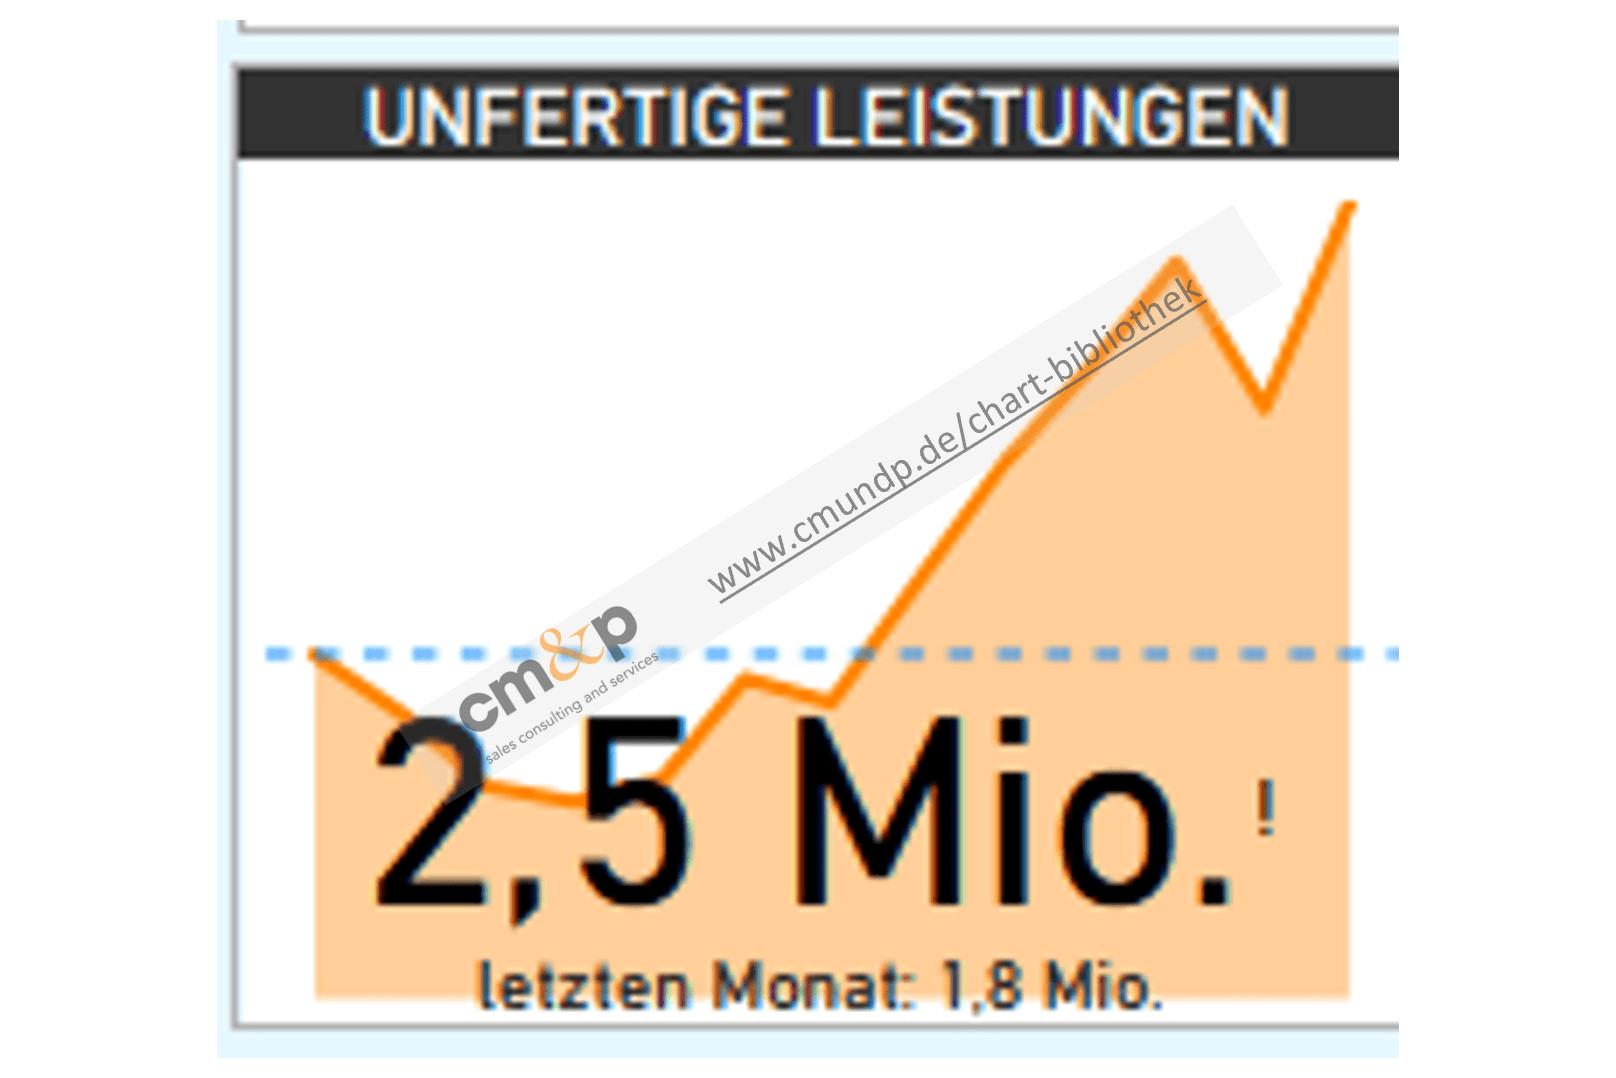 Darstellung des Bestandes an unfertigen Leistungen des aktuellen Monats und im Vergleich zum Vormonat sowie im Hintergrund der Bestandsverlauf der letzten 13 Monate in Mio-EURO